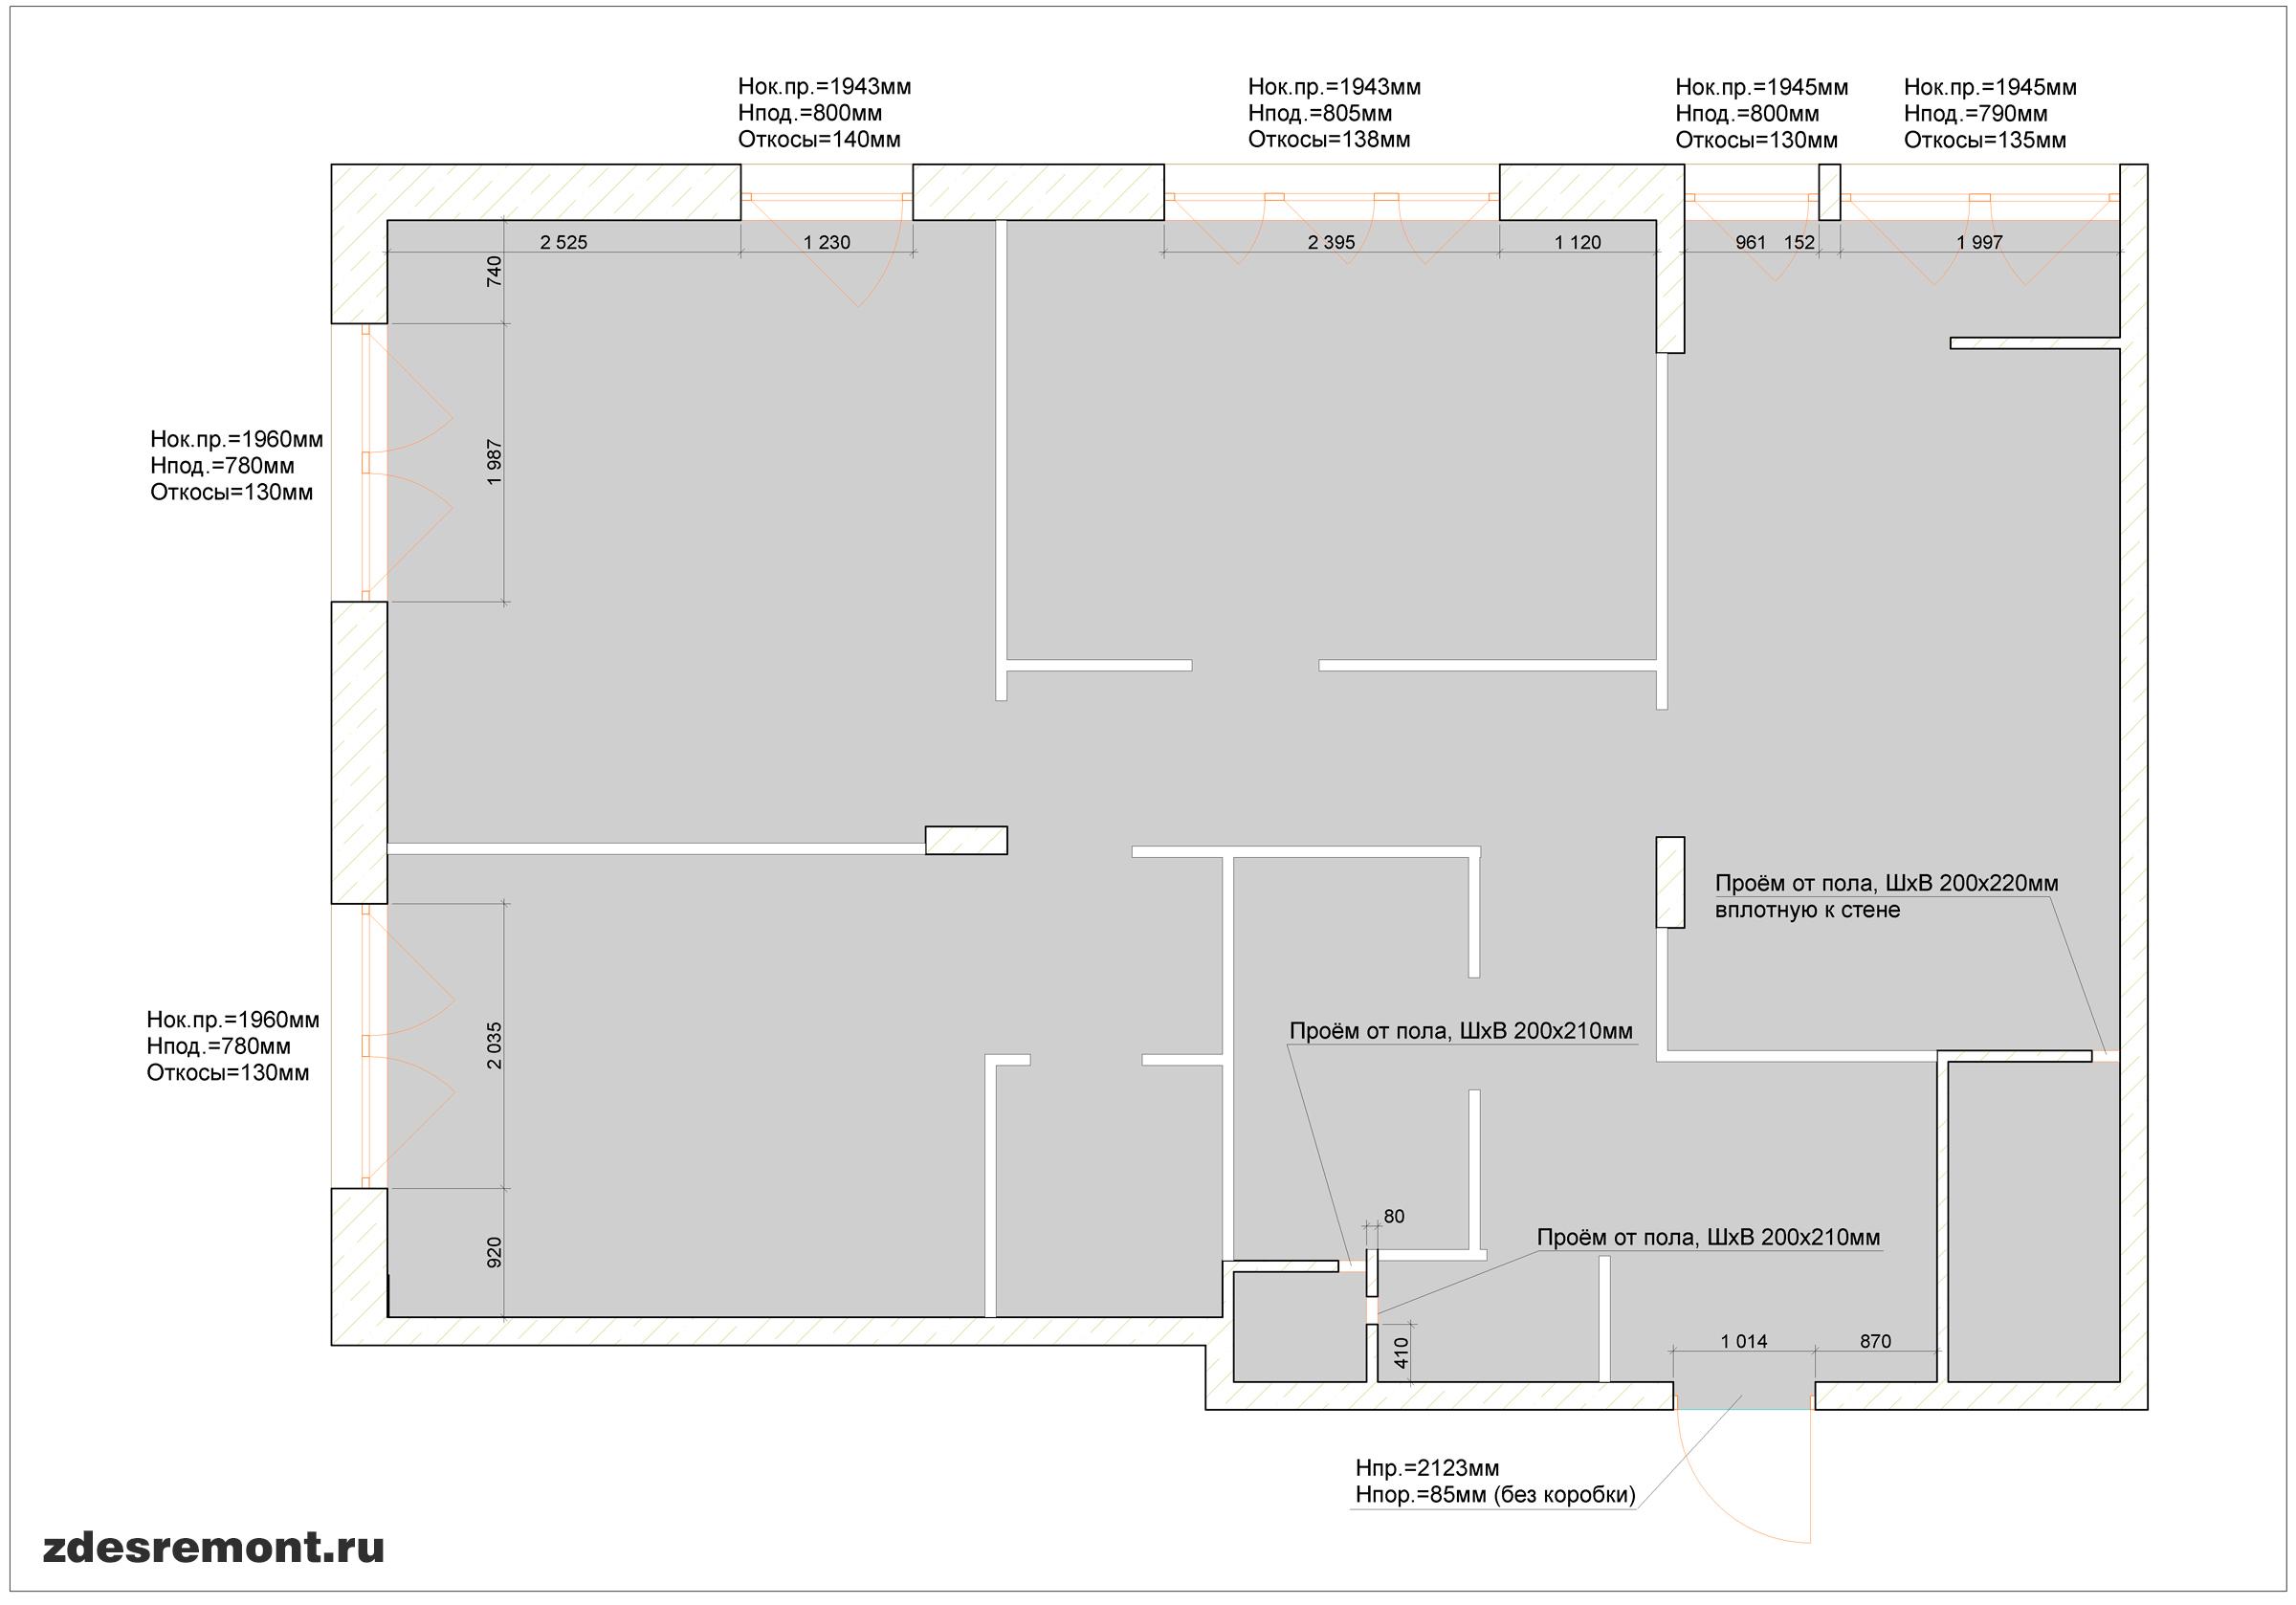 Обмер квартиры ArchiCad - проёмы